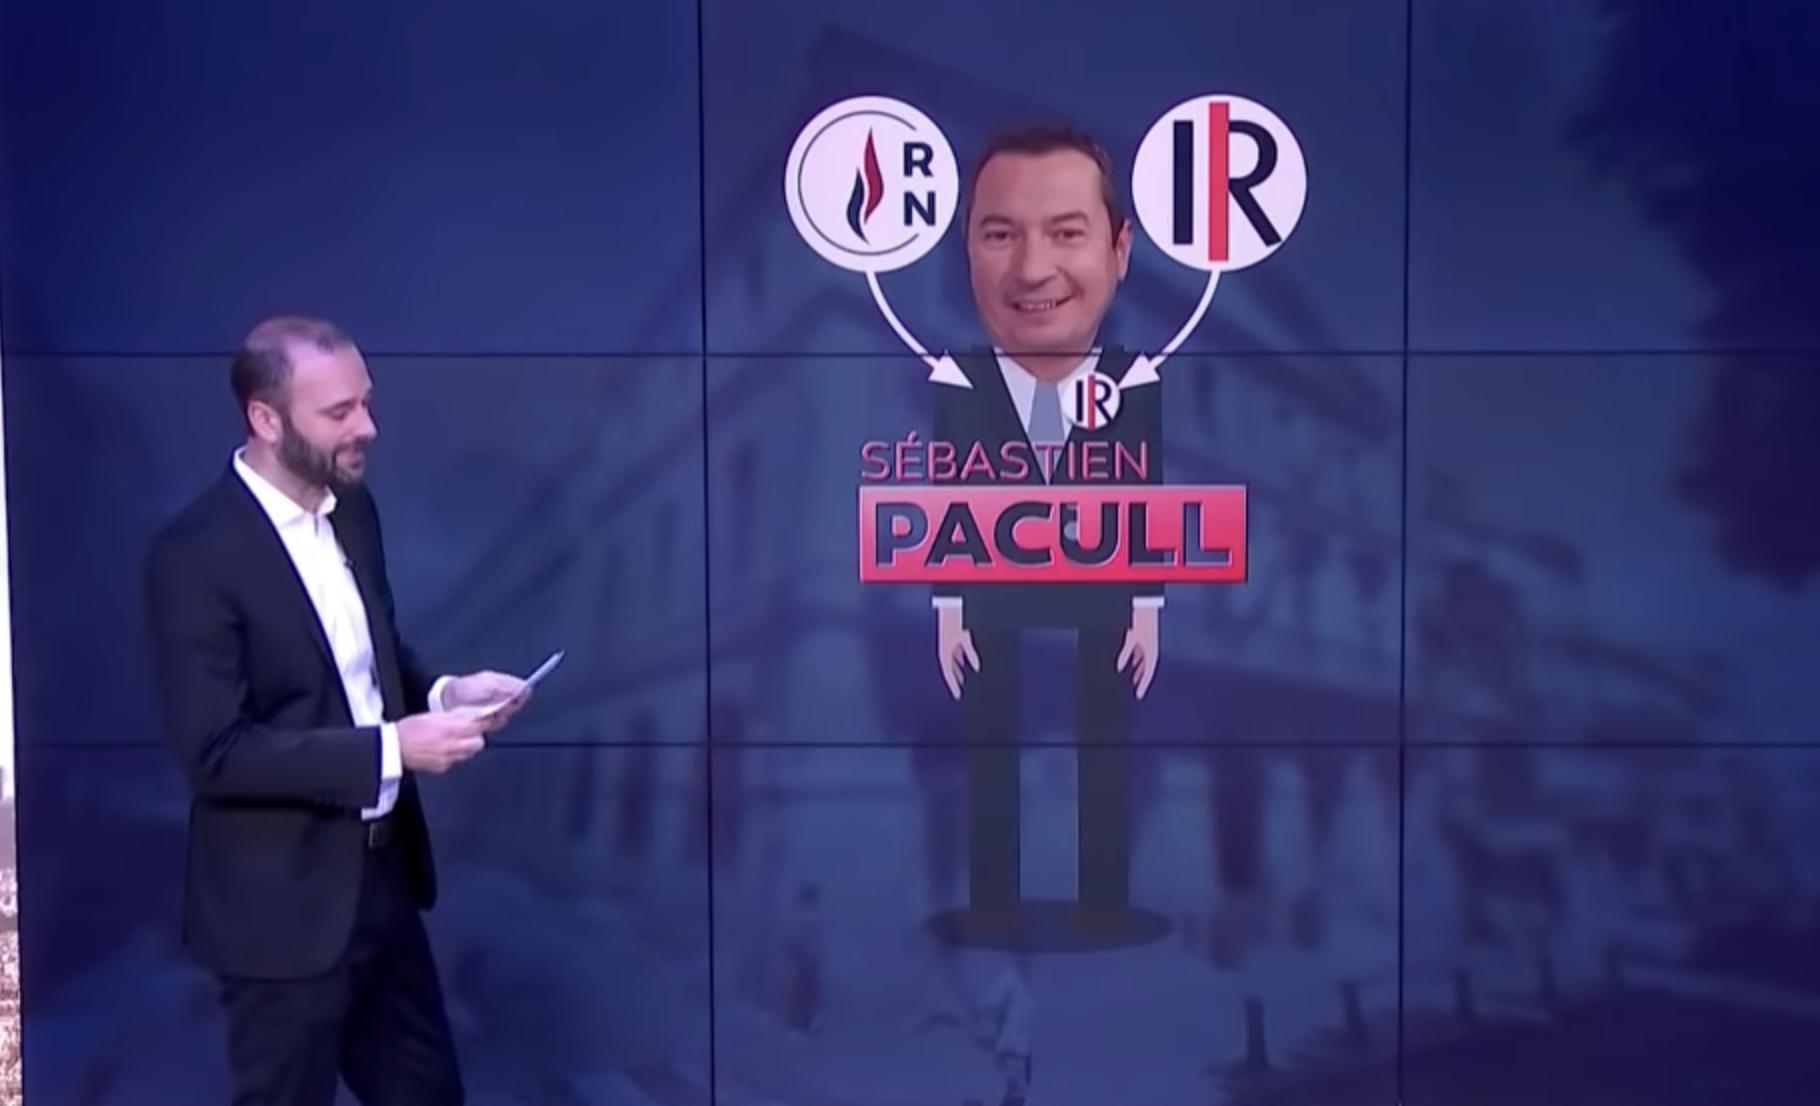 Municipales : un candidat LR soutenu par le Rassemblement National – vers l'union des droites ? (DÉBAT)